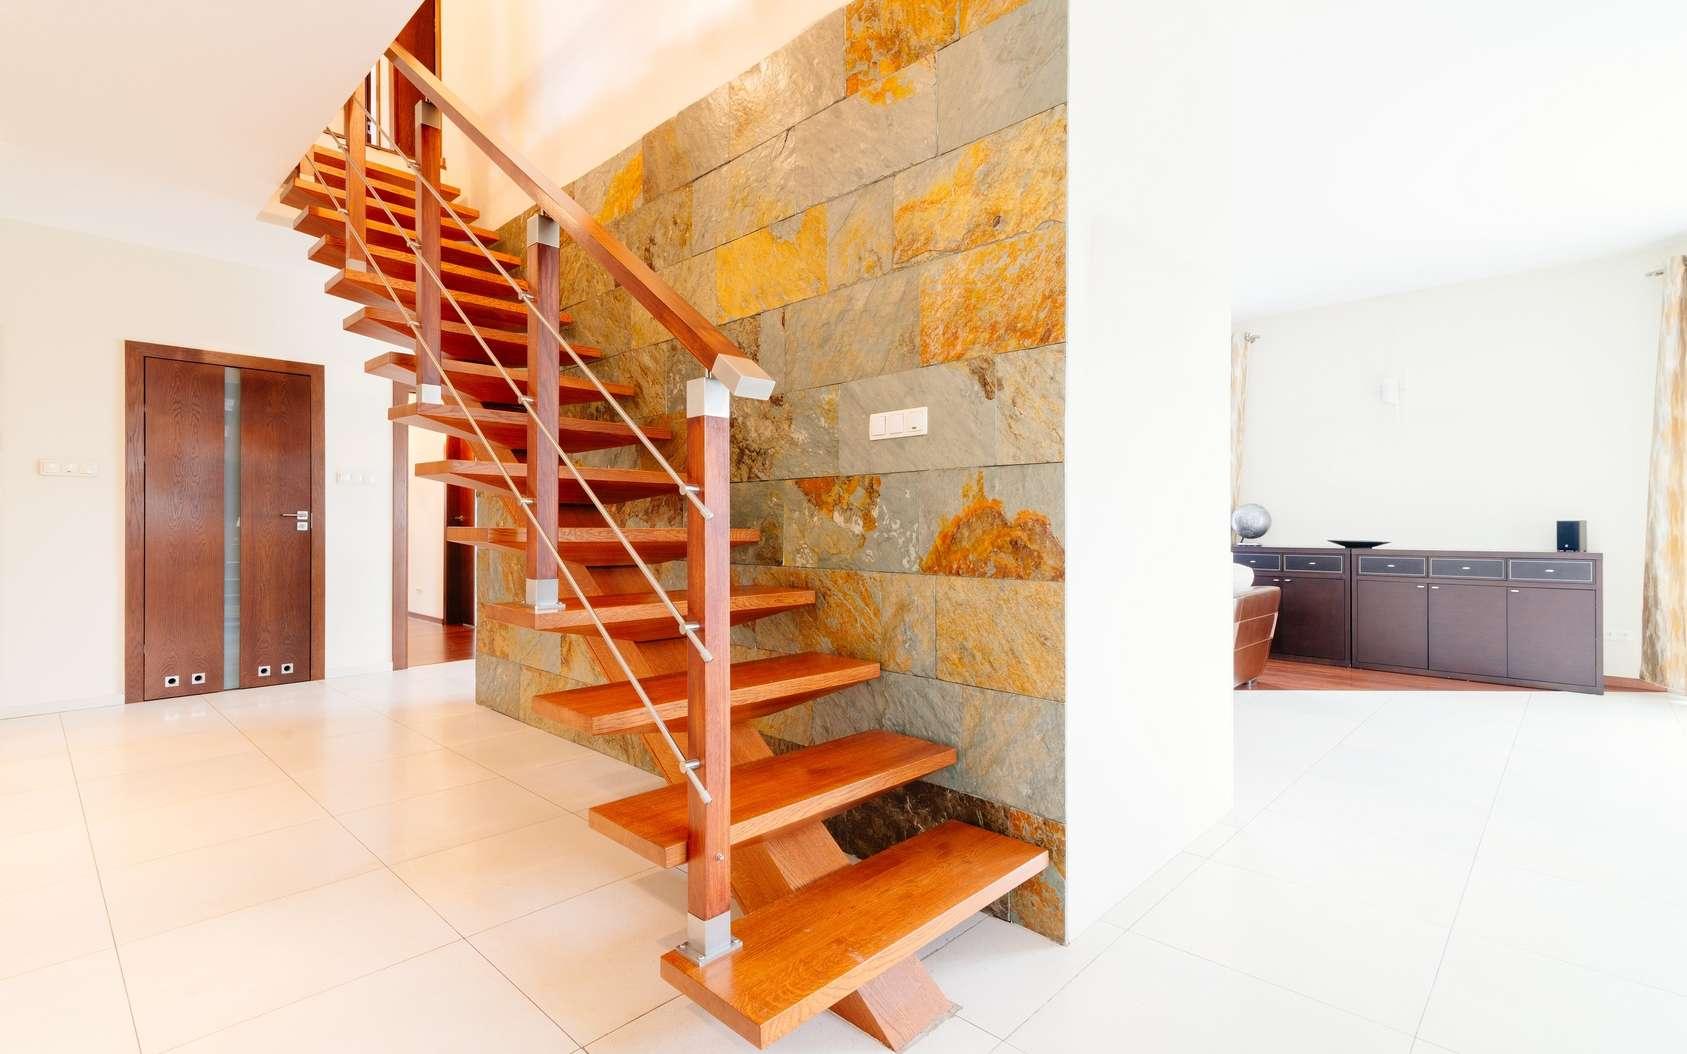 Choisissez votre escalier en fonction de l'usage, sans négliger l'esthétique. © Fotolia